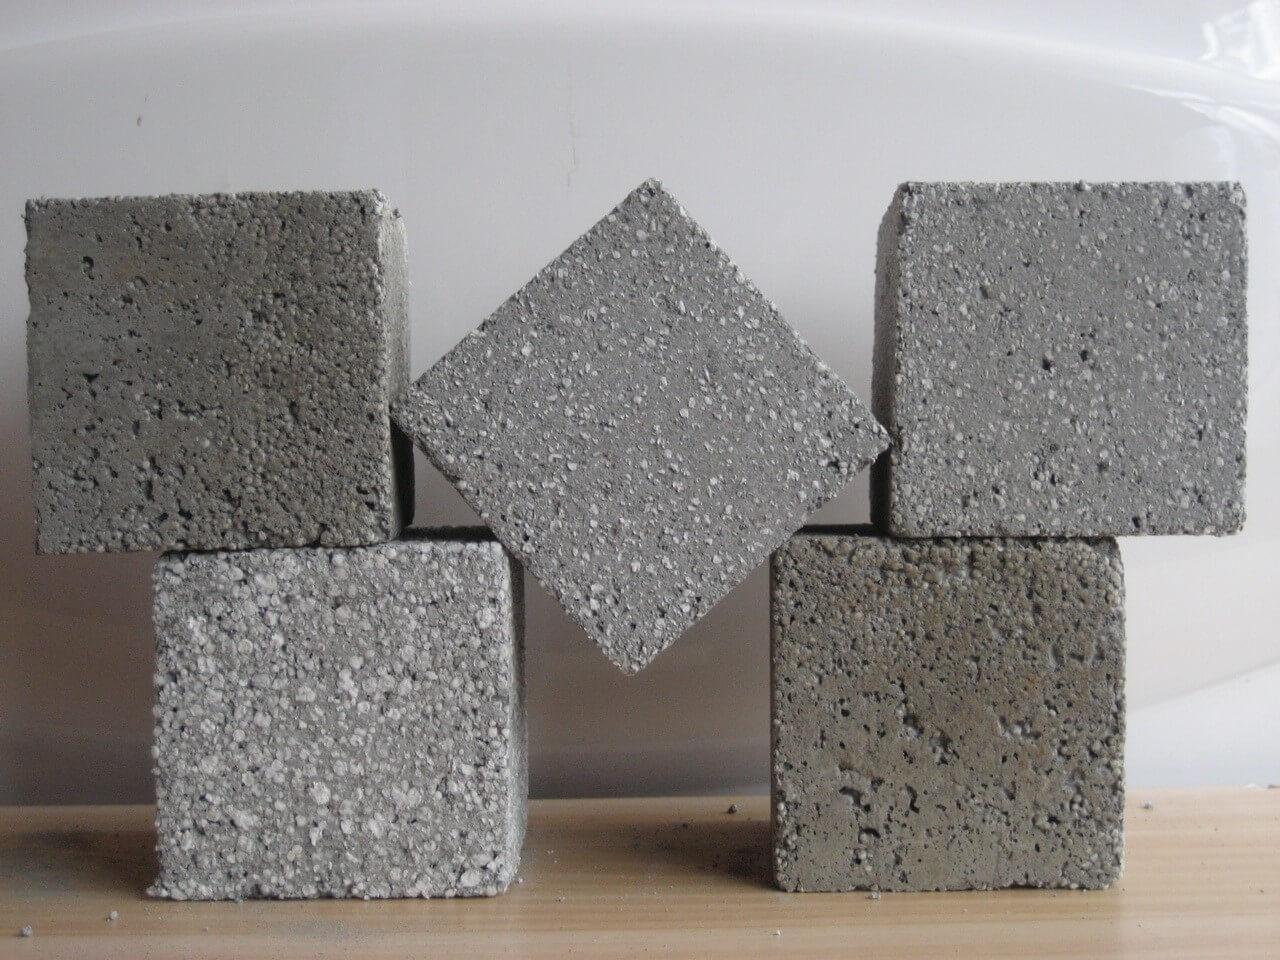 высокопрочный легкий бетон для строительства